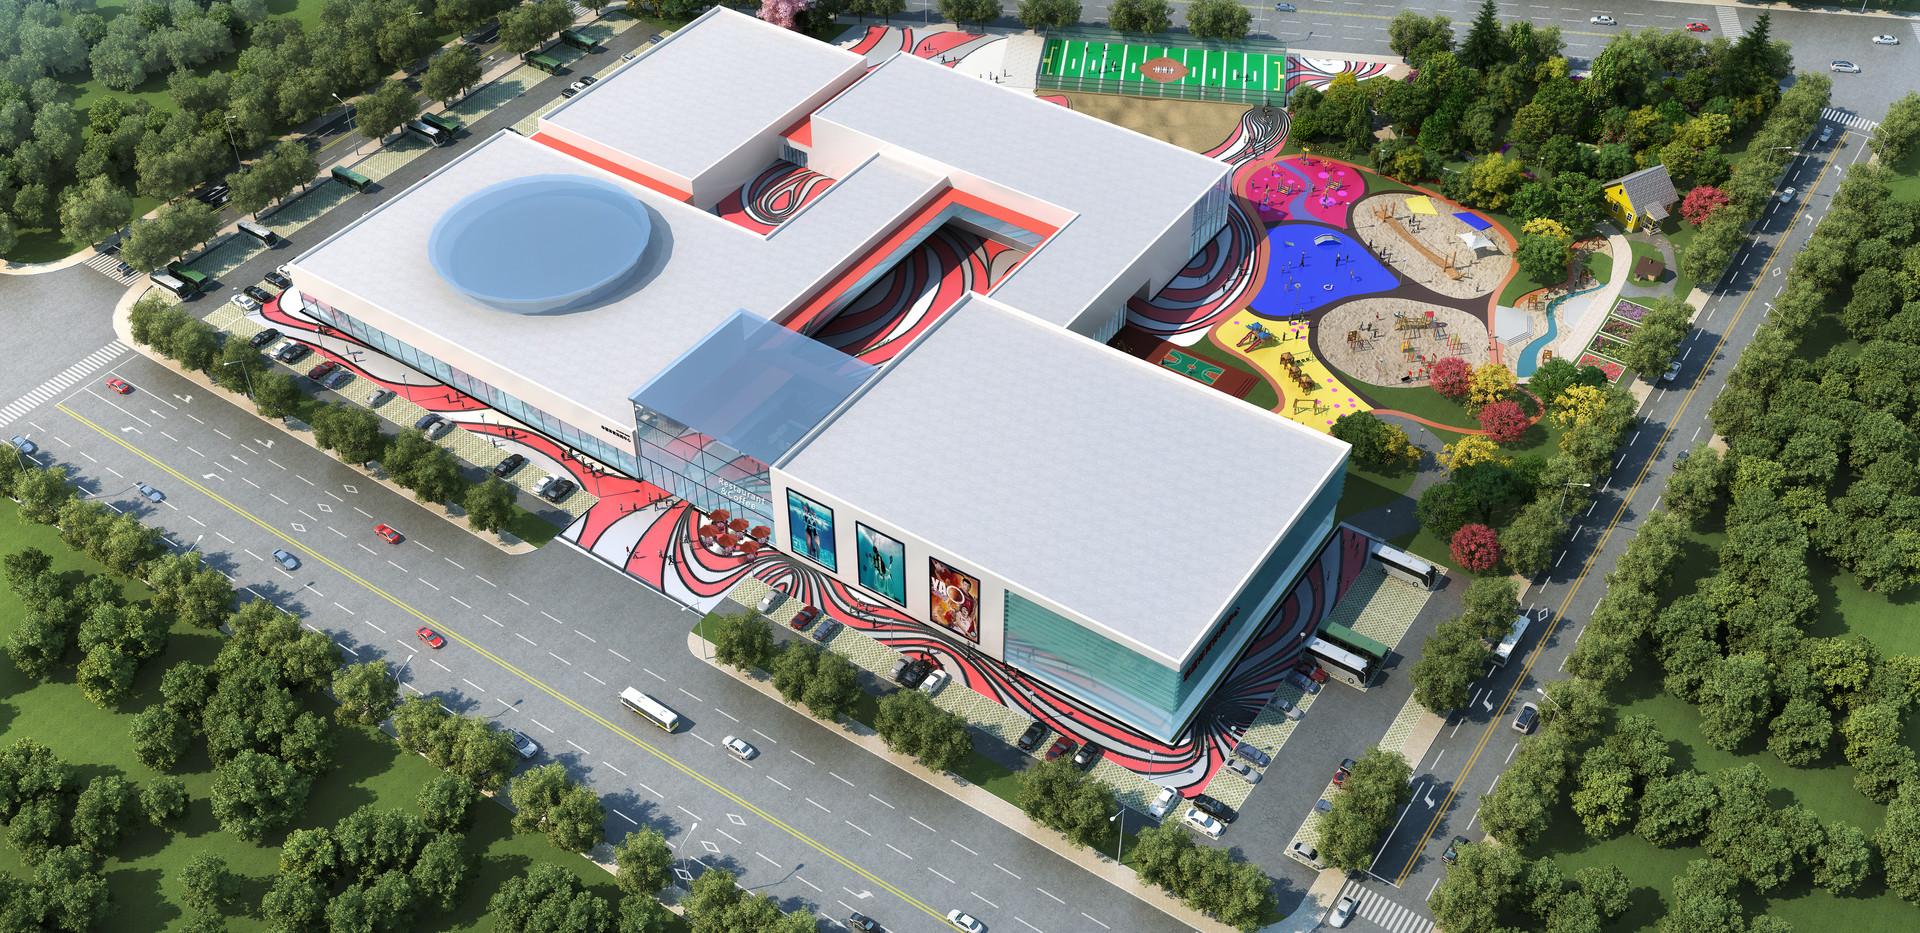 华谊体育邻里中心建筑设计